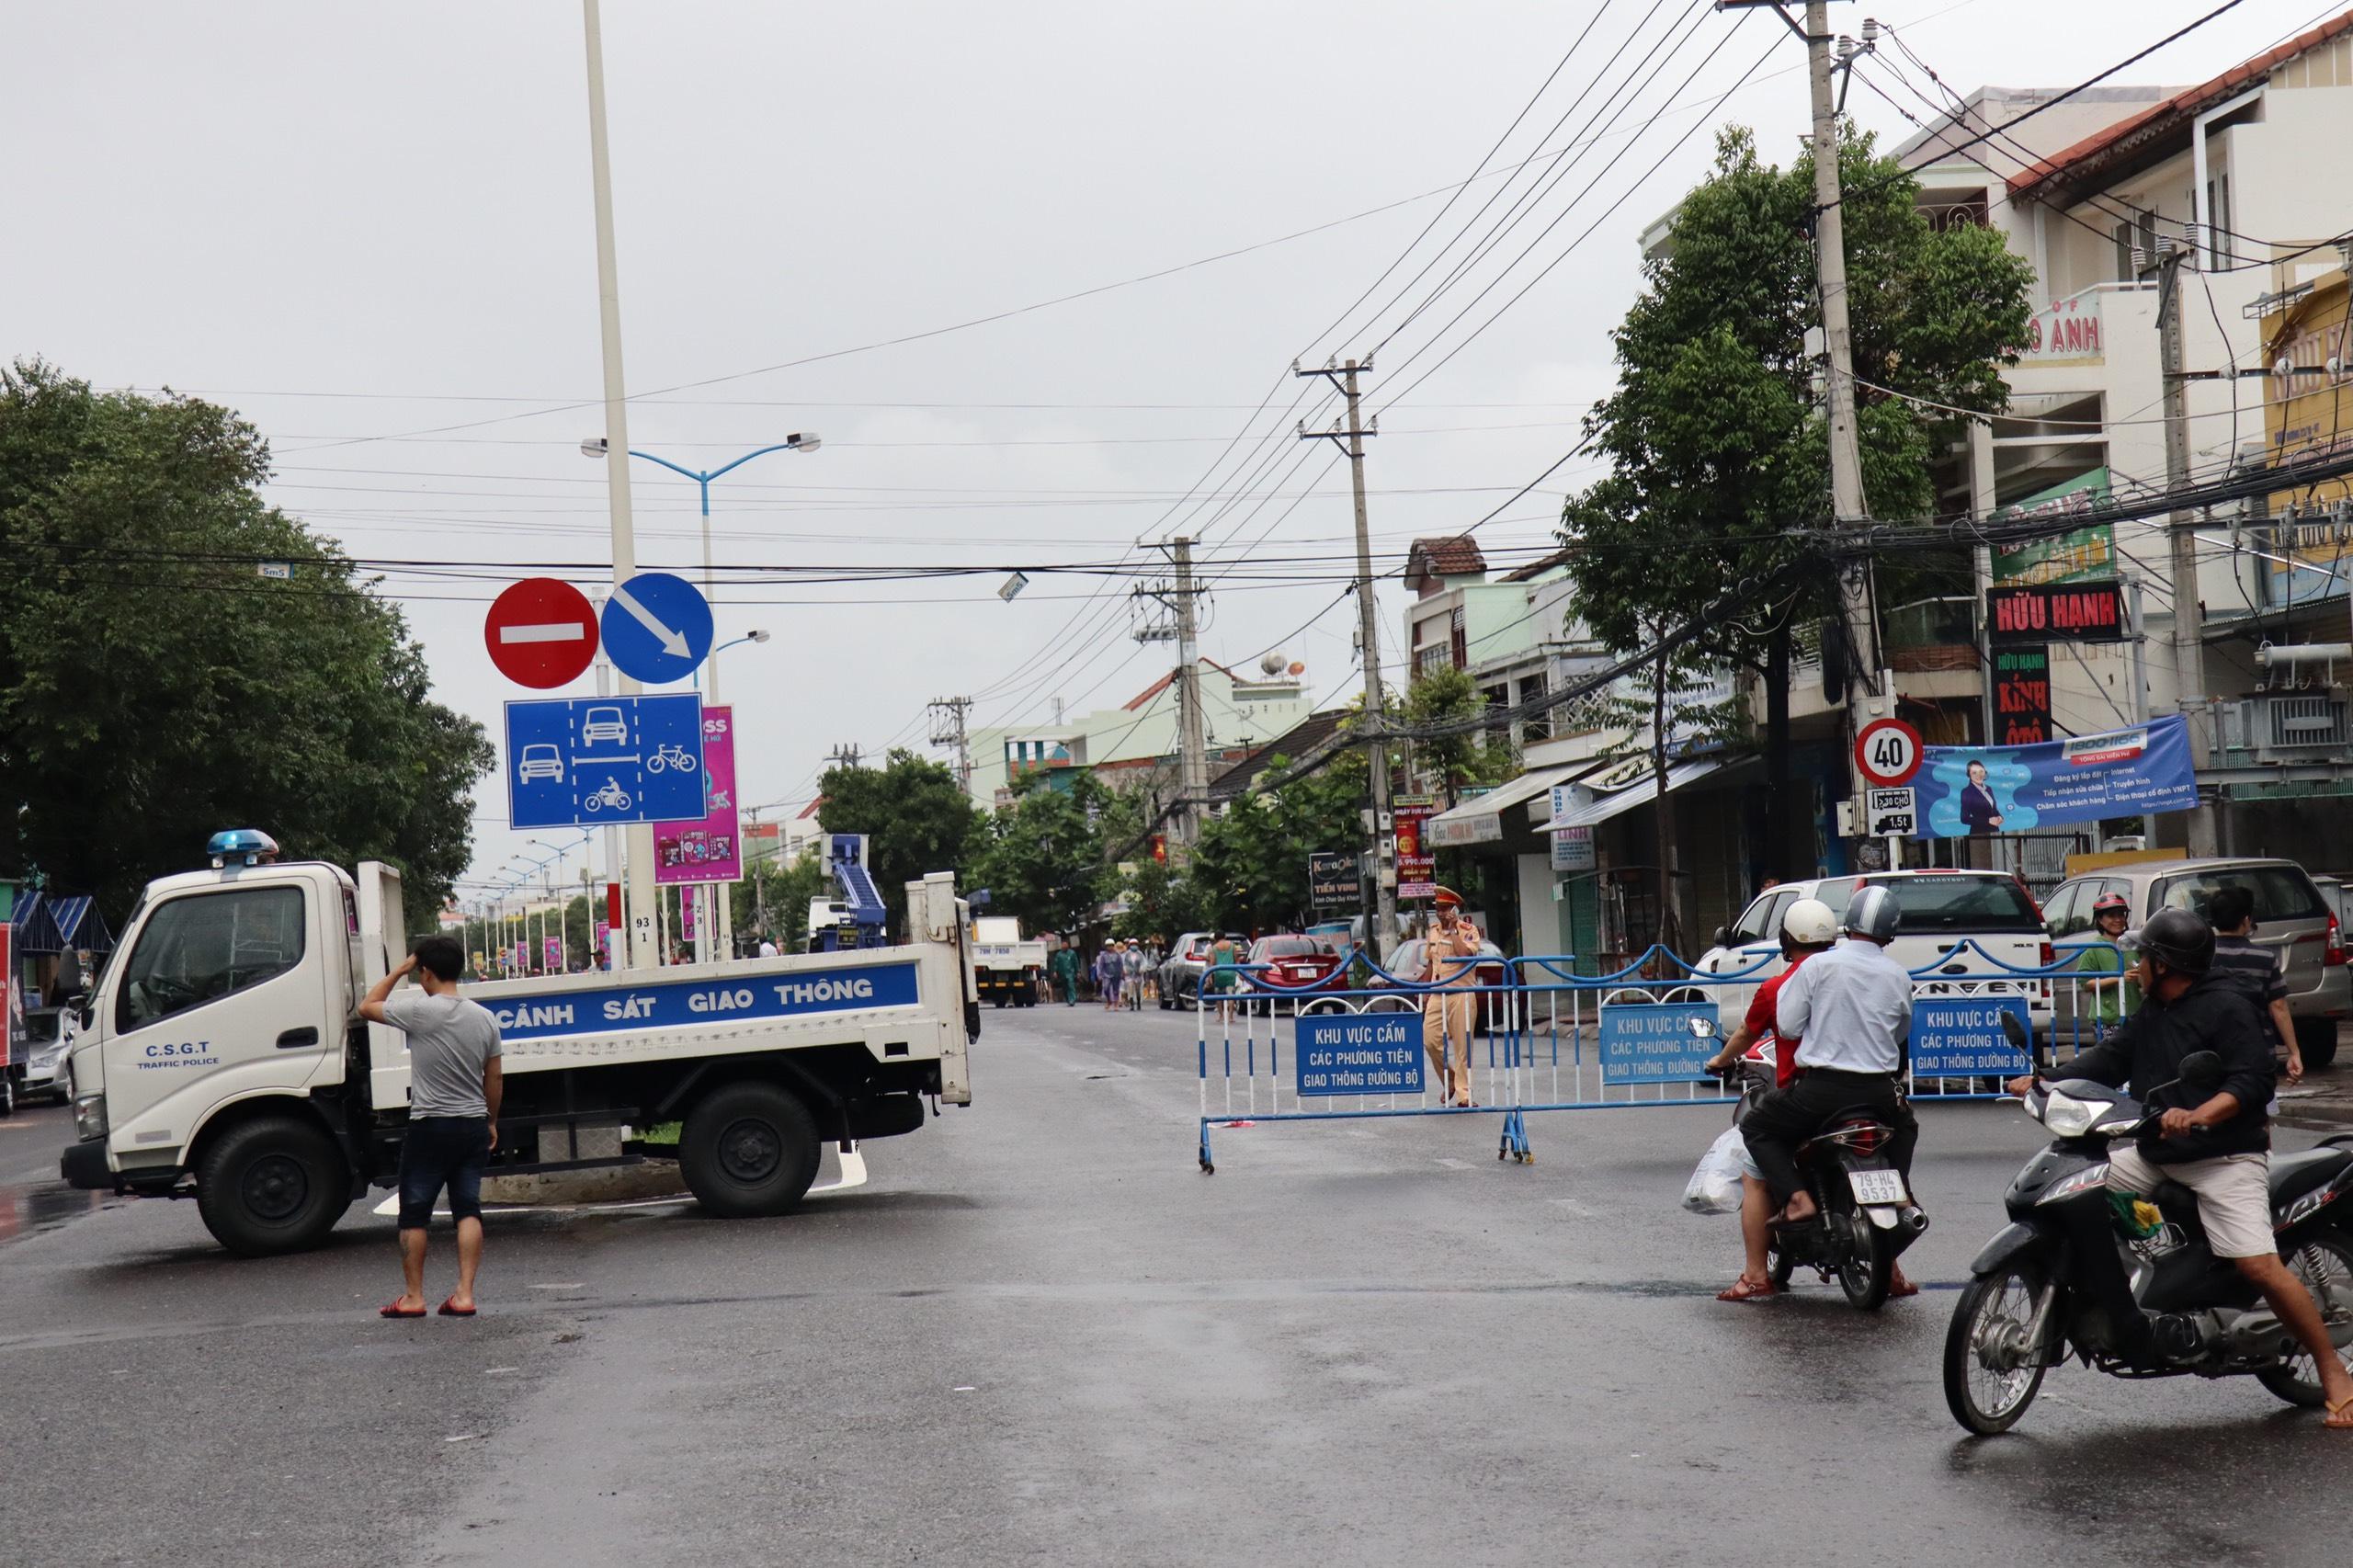 Nha Trang ngập lụt diện rộng, giao thông chia cắt, 4 người thiệt mạng - Ảnh 1.